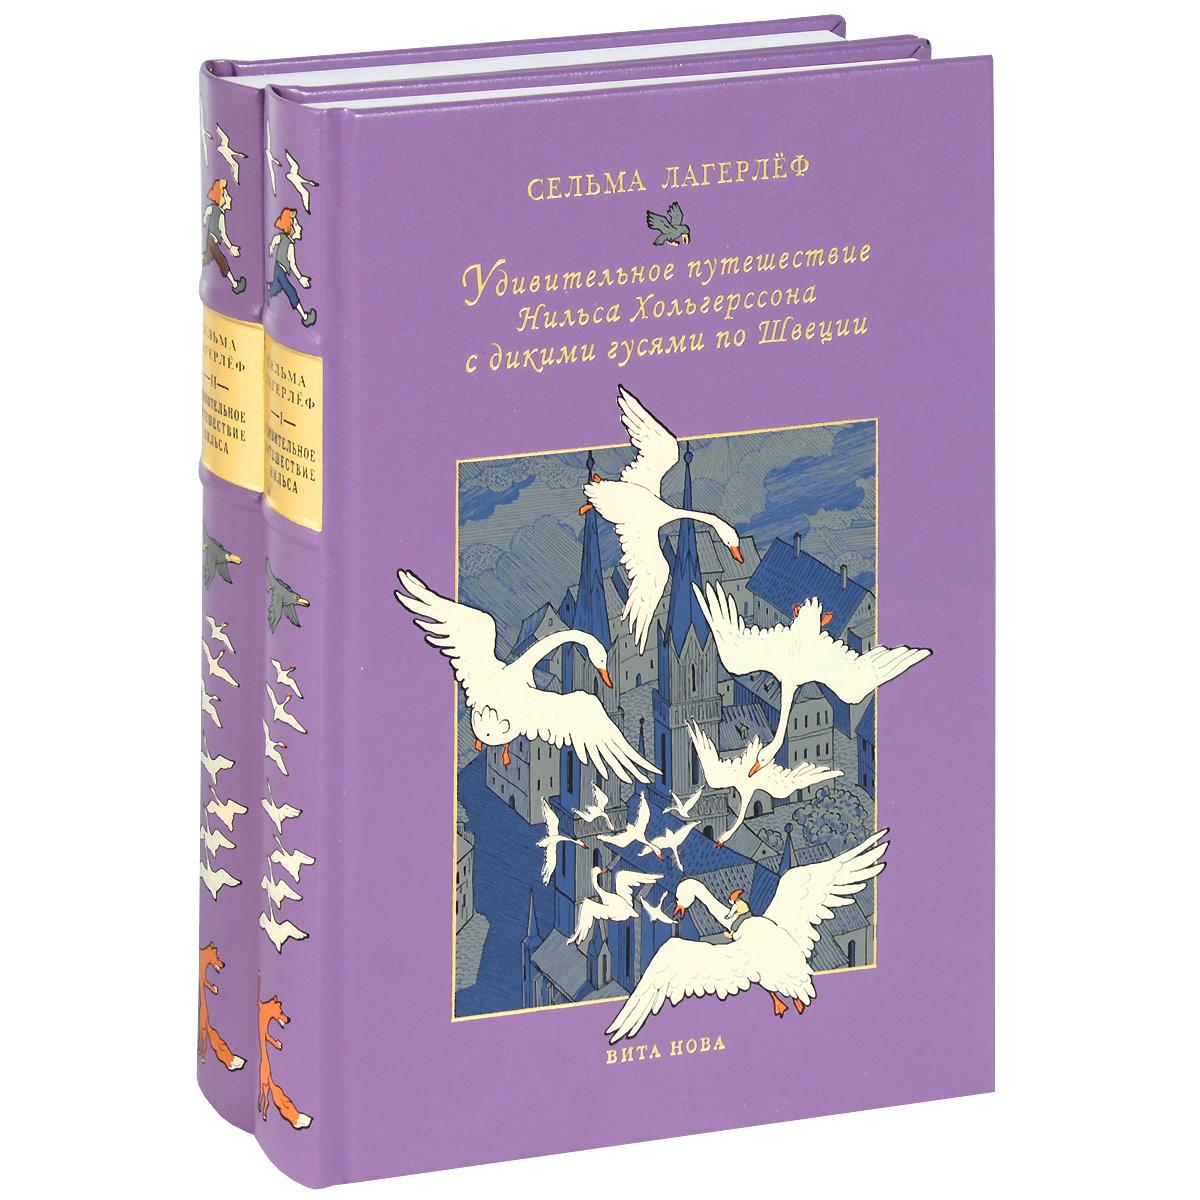 Удивительное путешествие Нильса Хольгерссона с дикими гусями по Швеции (комплект из 2 книг)